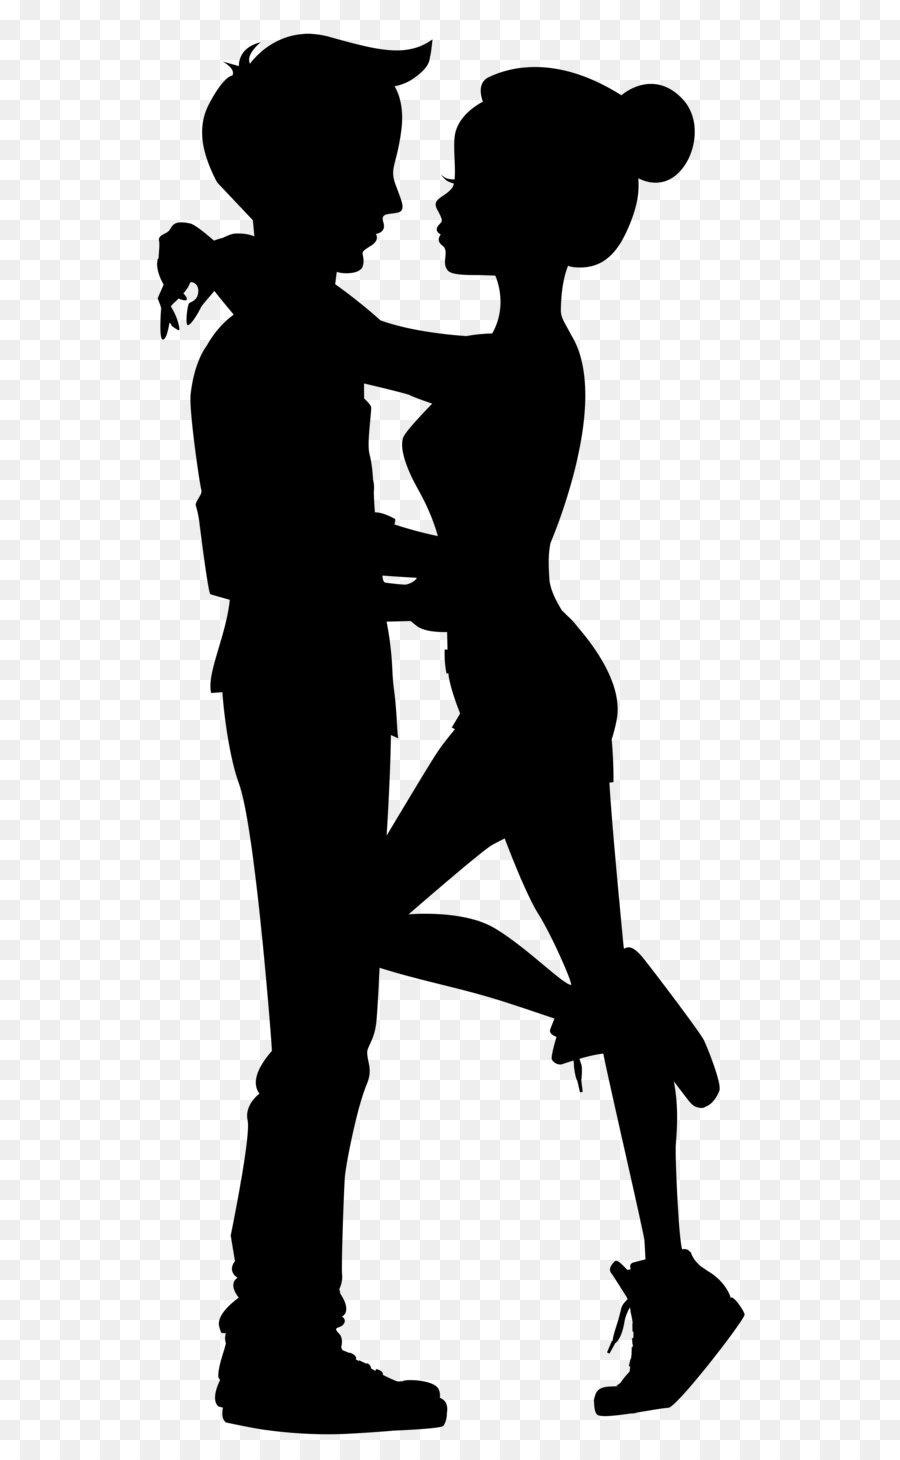 Descarga gratuita de Silueta, Pareja, El Amor Imágen de Png